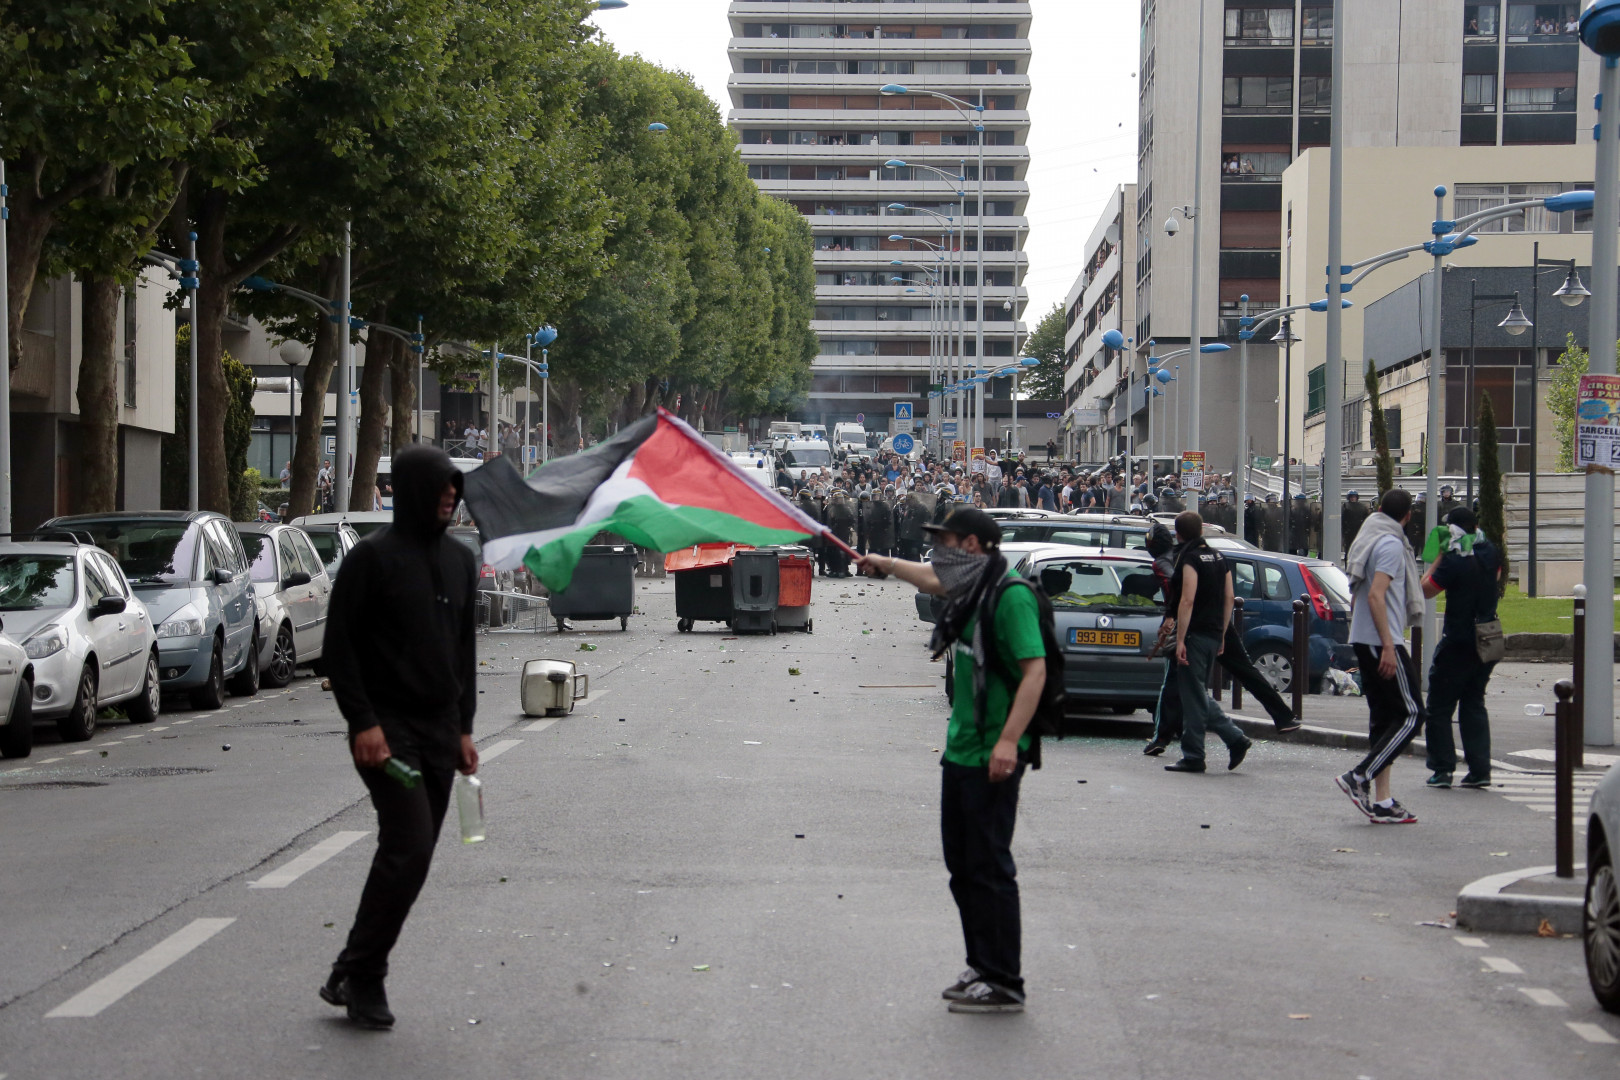 Des manifestant pro-palestiniens ont renversé des poubelles, à Sarcelles, le 20 juillet 2014.